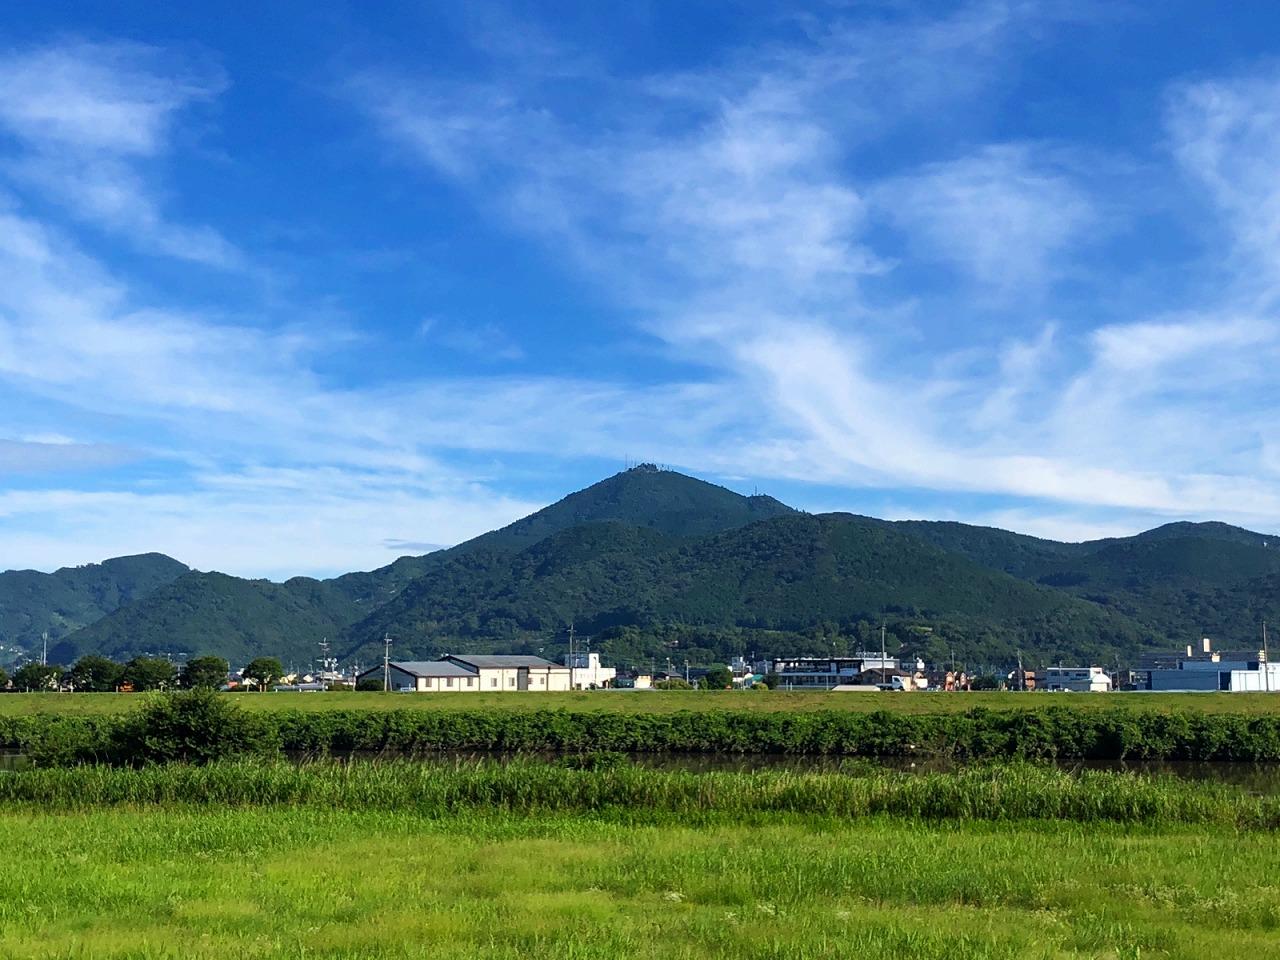 2018.7.9今朝の金峰山です。